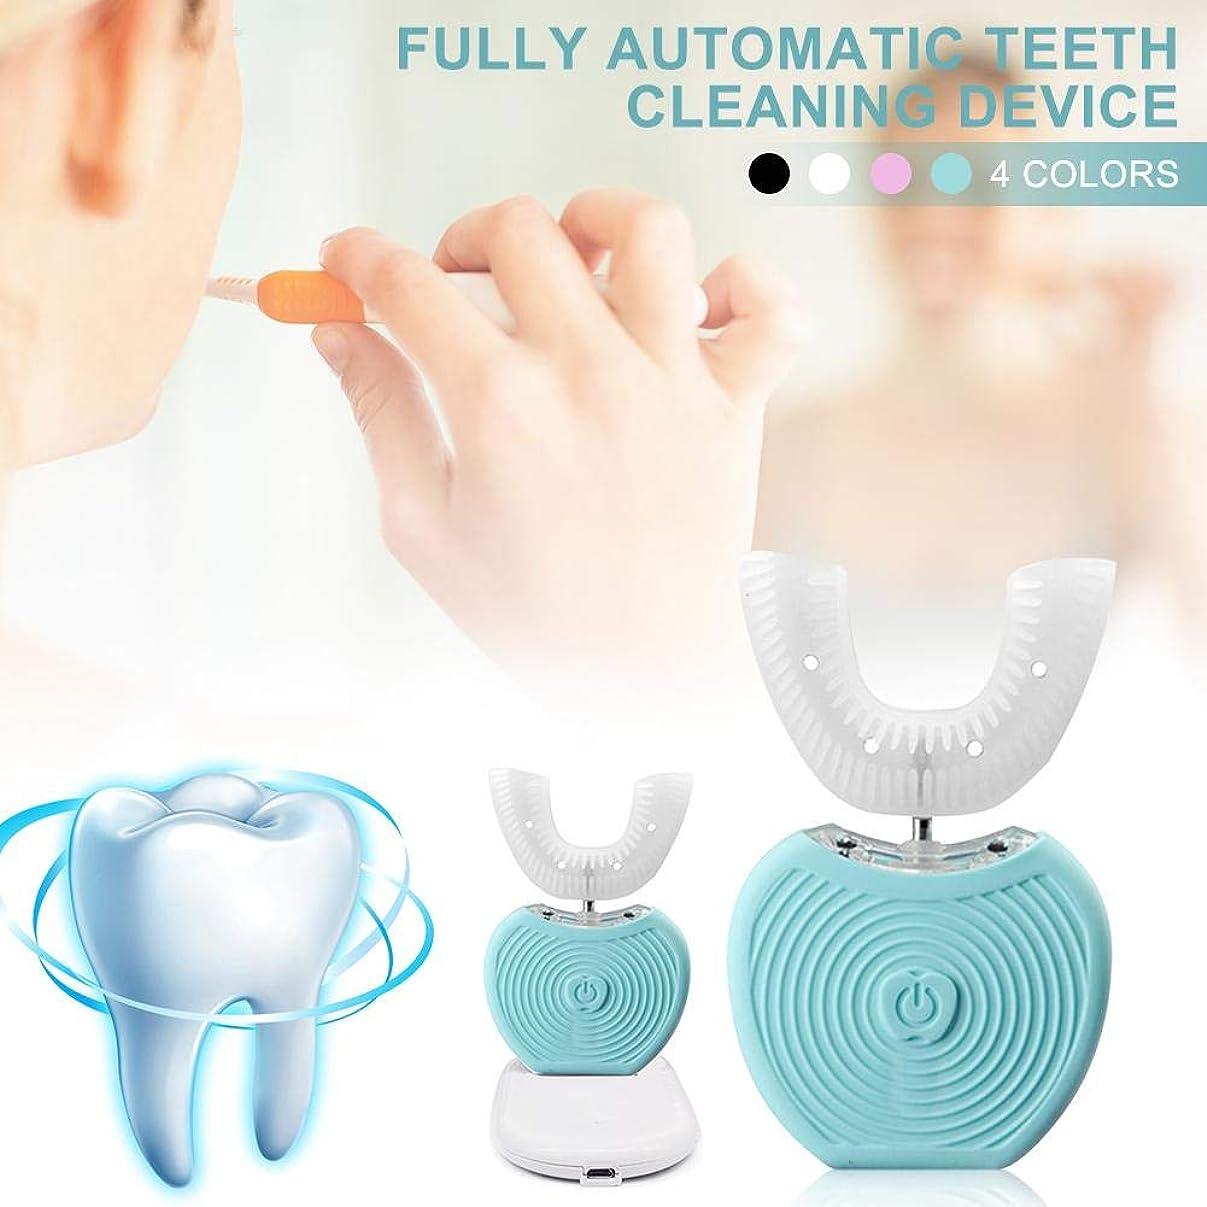 道路能力別にUSBポータブル電動歯ブラシ IPX7防水 ブルーレイホワイトニングツール AI自動メモリー機能 360度オールラウンド歯ブラシ